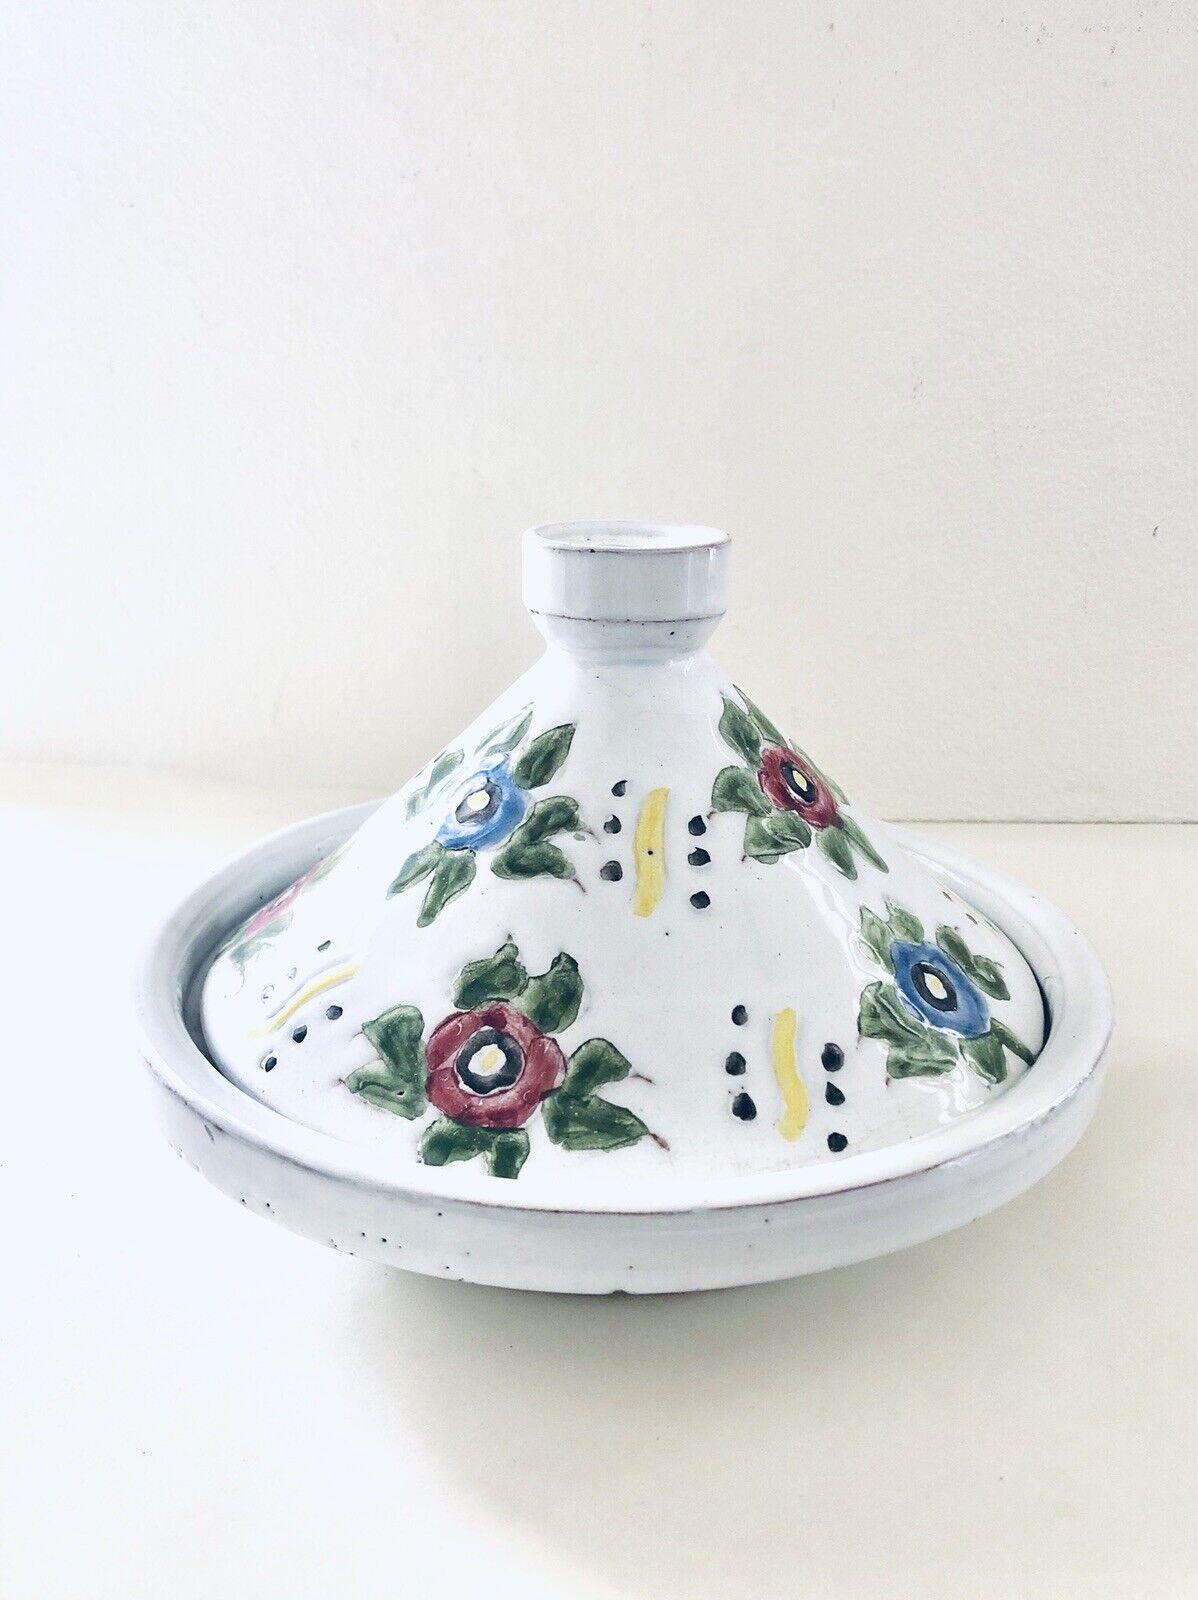 Vintage Raro sirviendo Tagine Marroquí Hecho a Mano en plato de cerámica con tapa 9  rojoondo